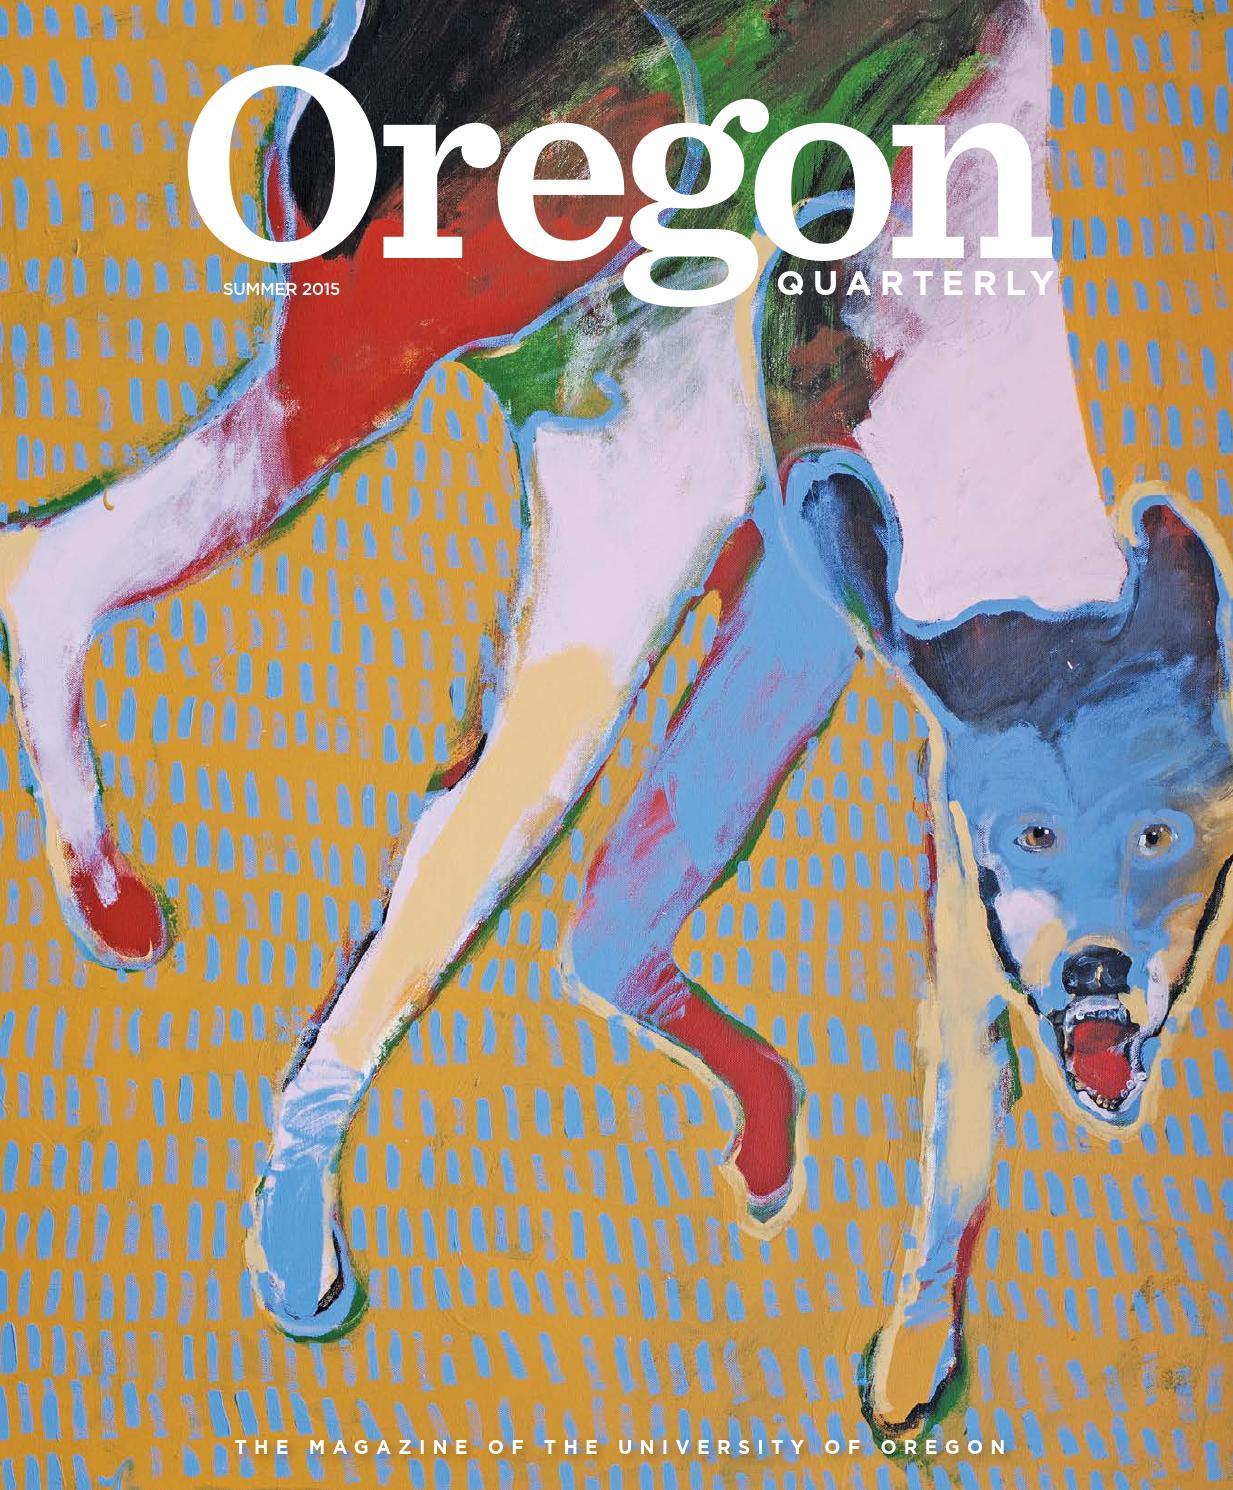 535fed14dbd3bf Oregon Quarterly Summer 2015 by UO Oregon Quarterly - issuu